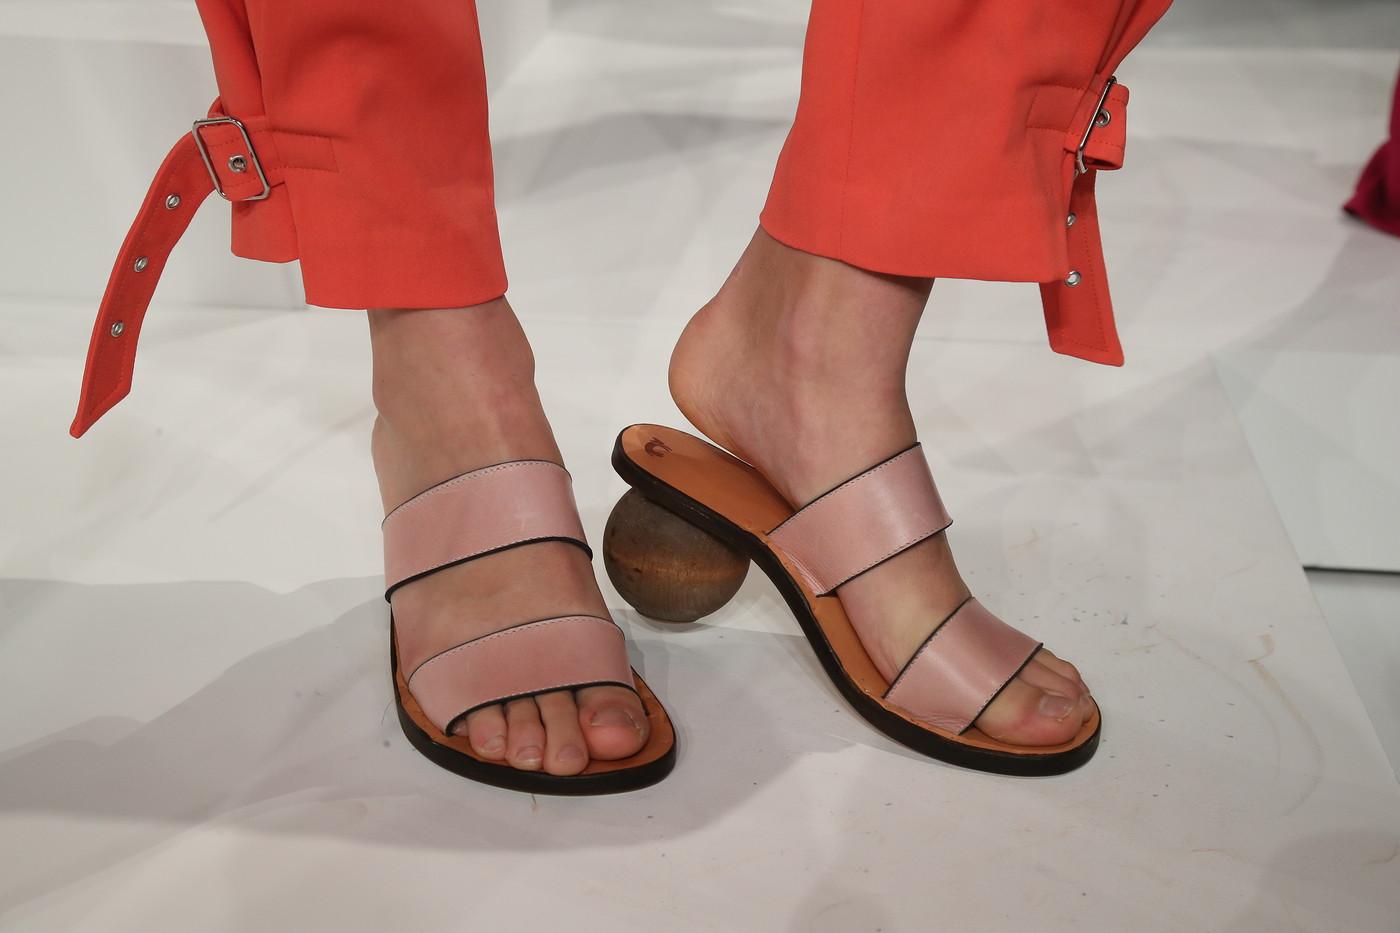 seebychloe shoes